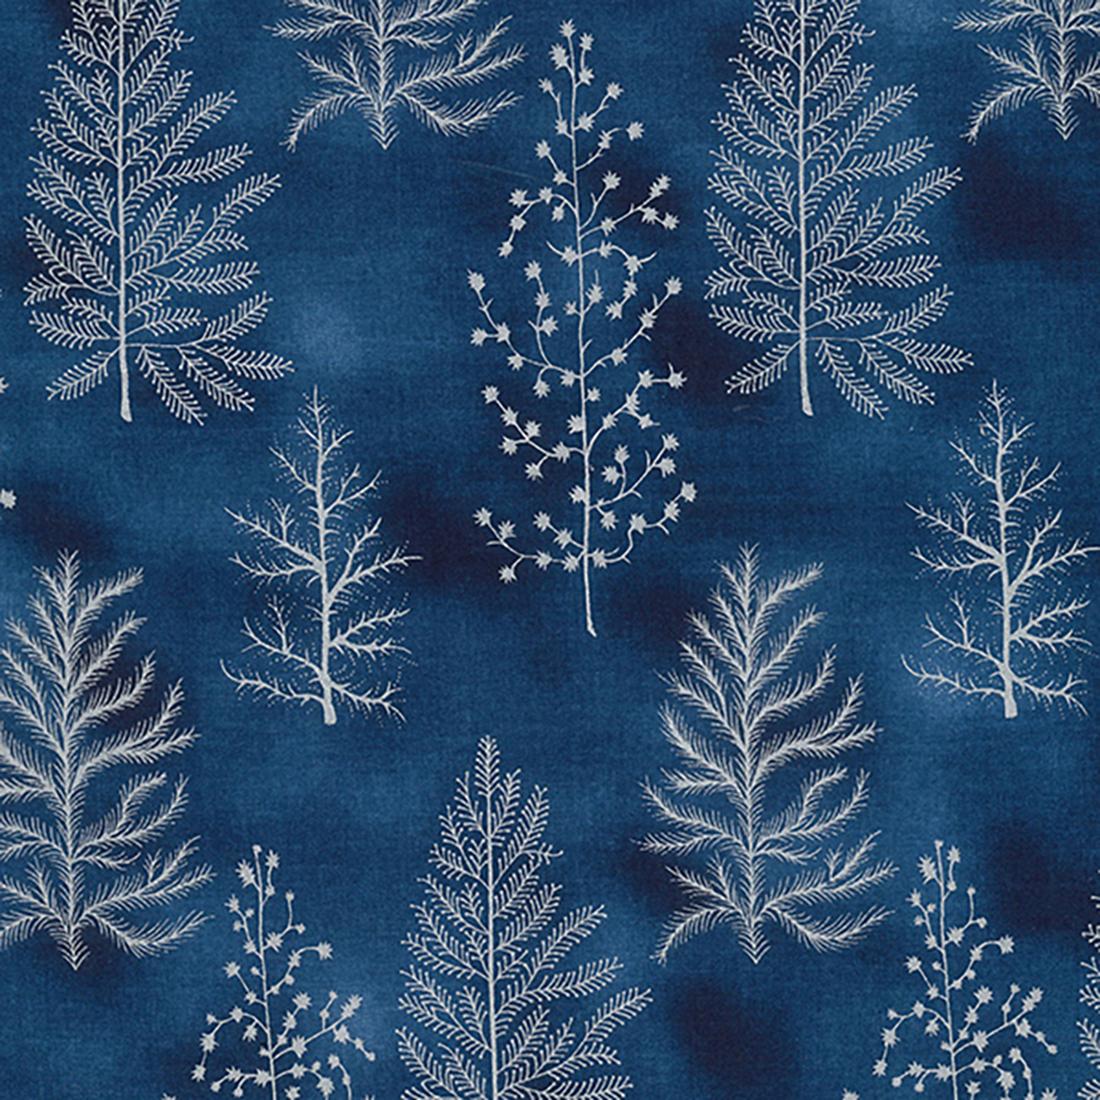 Xmas Tree Foil Blender Navy Craft Fabric